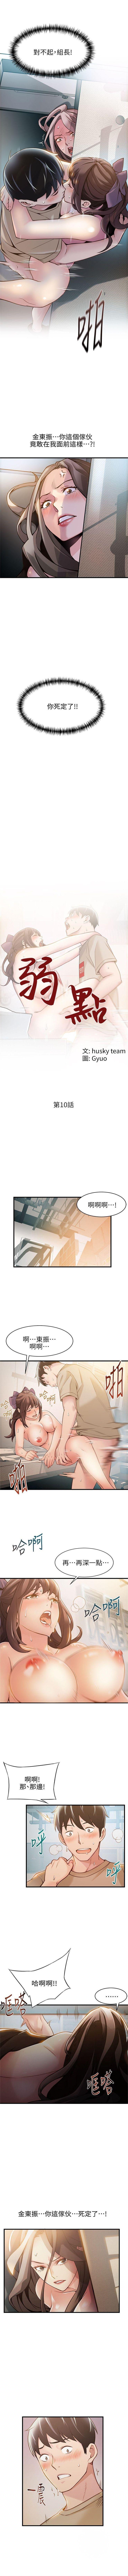 (週7)弱點 1-76 中文翻譯(更新中) 60